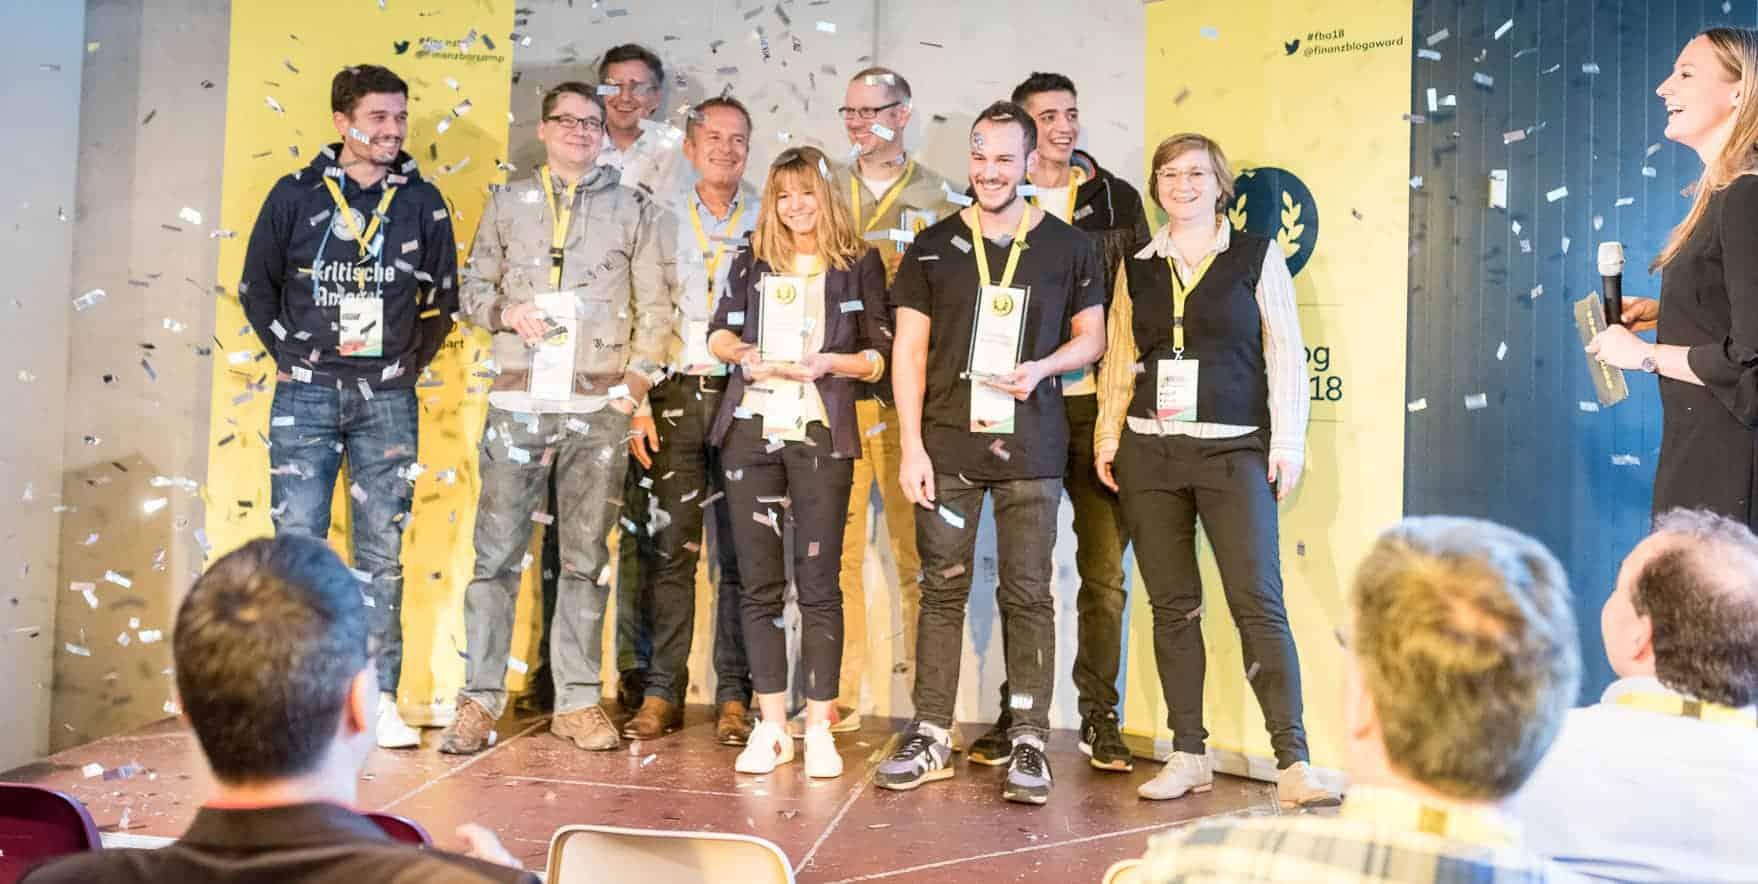 finanzblog award - die Sieger (und Jury)